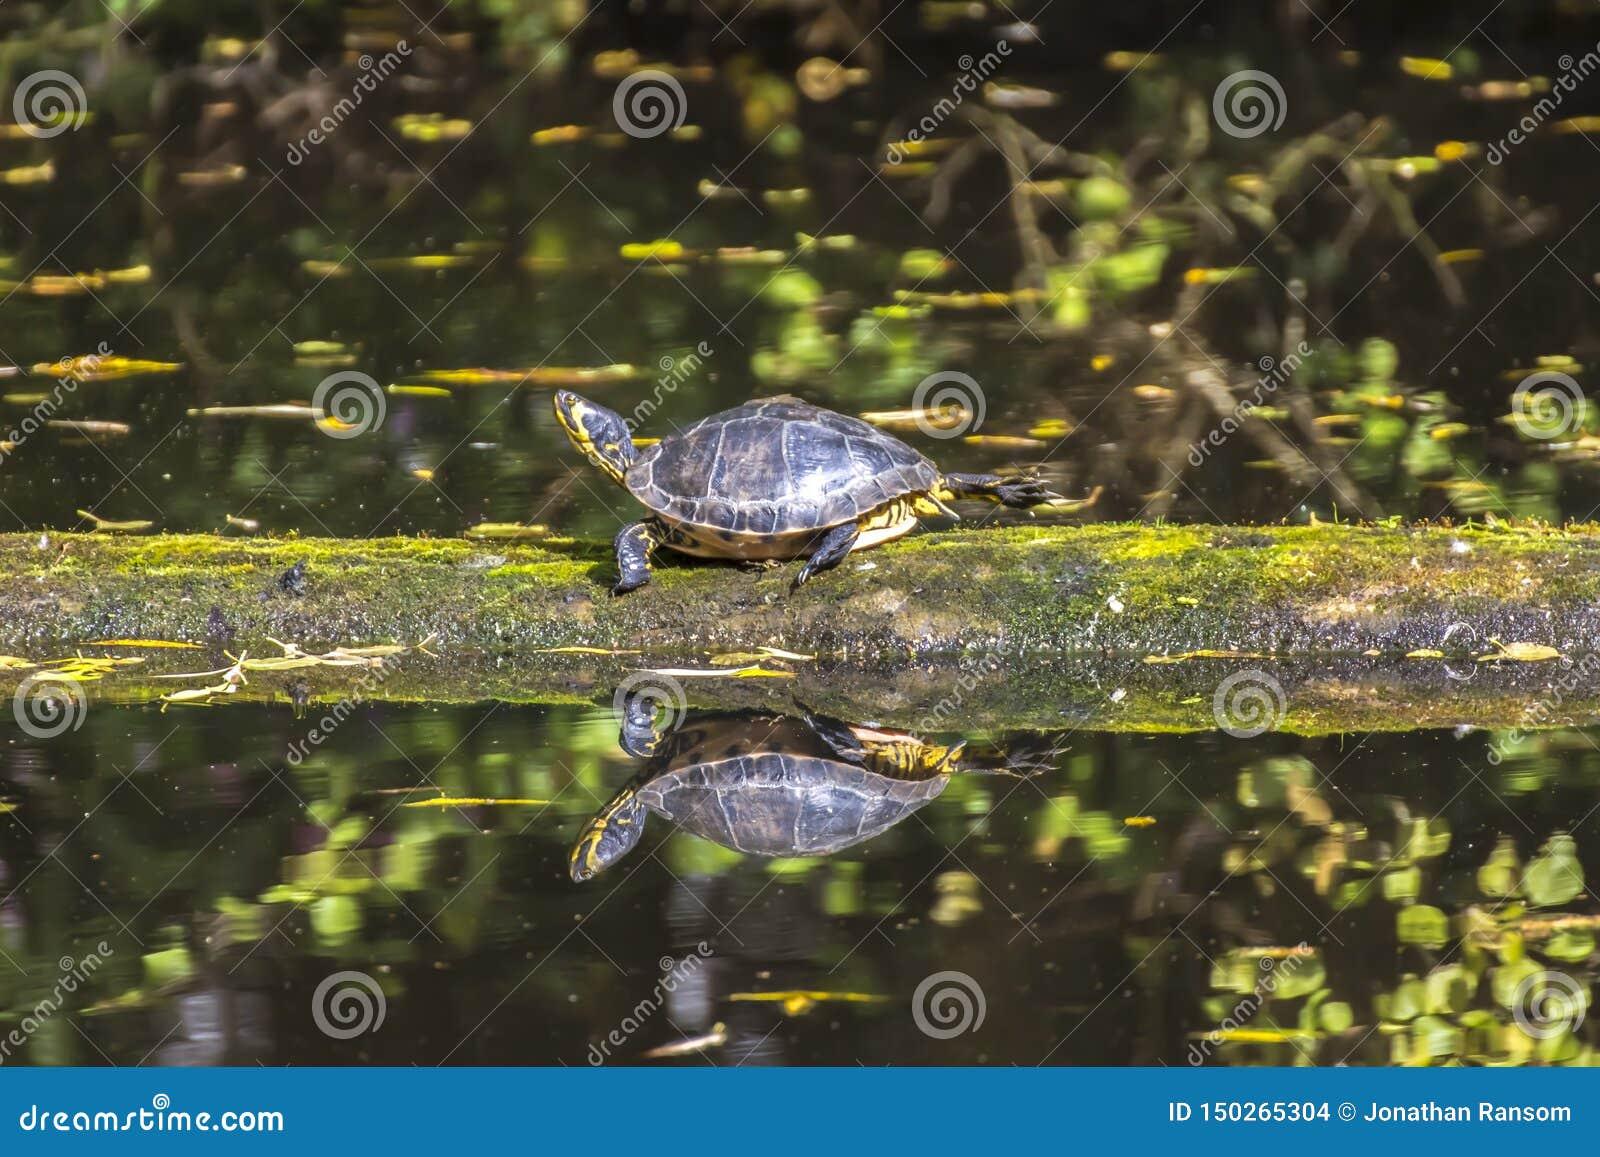 Κίτρινη διογκωμένη χελώνα που περπατά σε ένα κούτσουρο που επιπλέει στο νερό